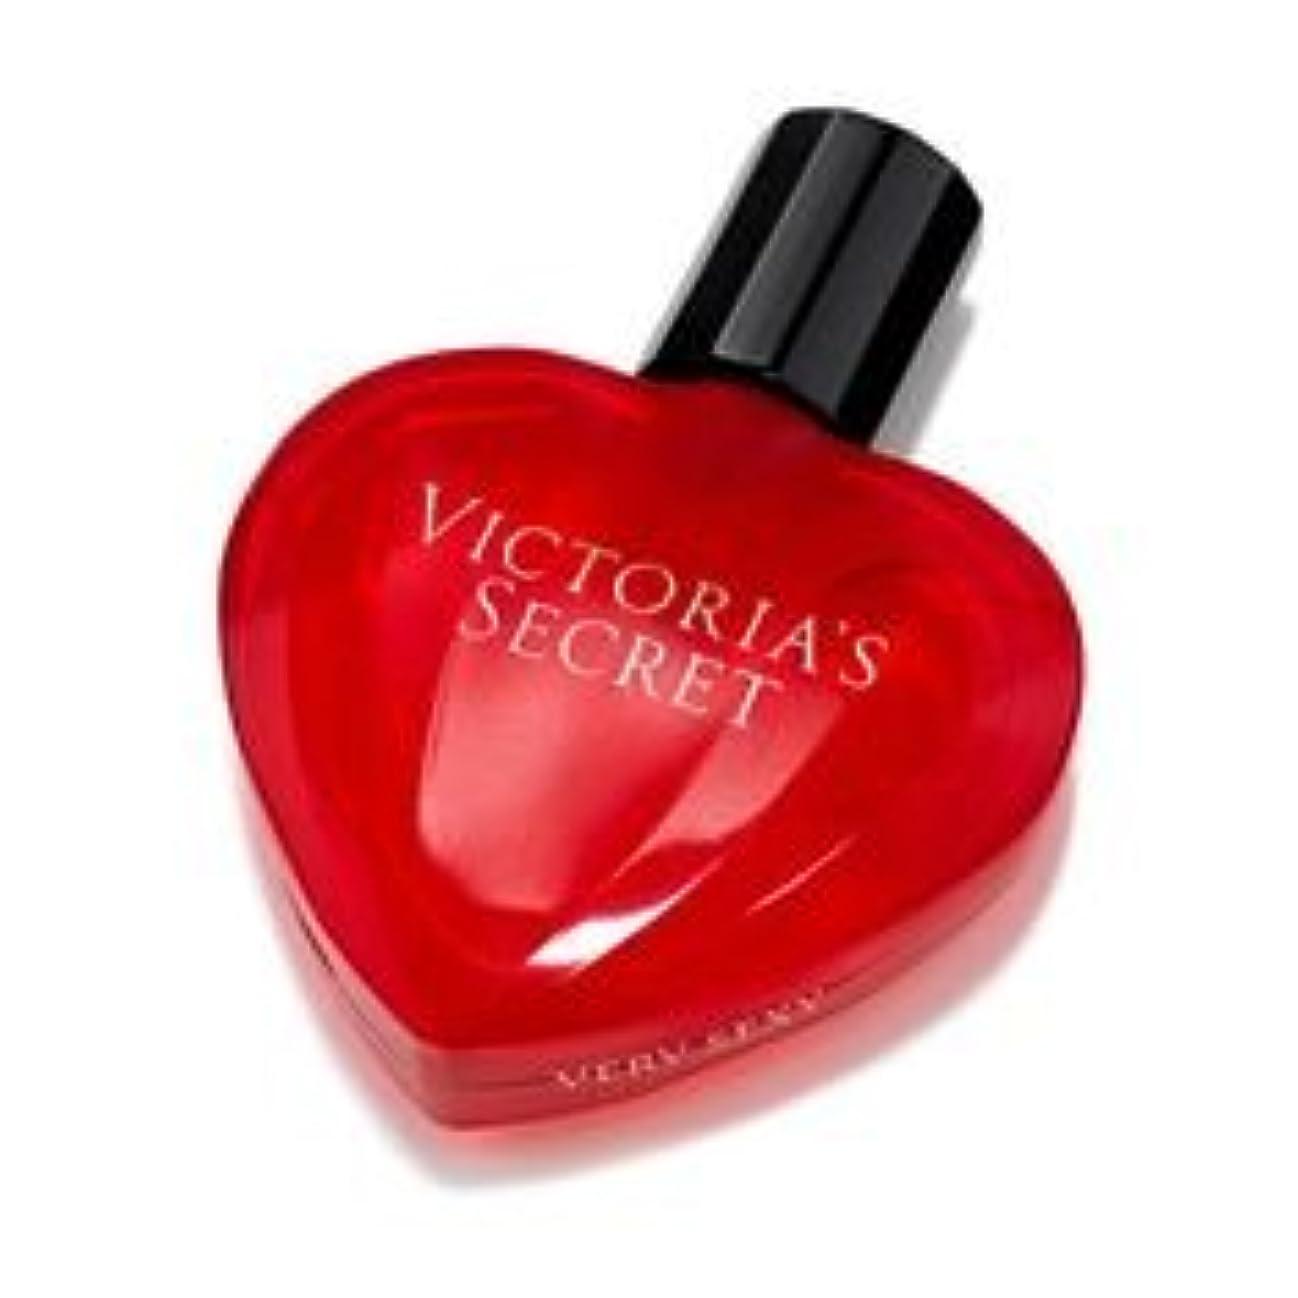 花嫁石膏公爵Very Sexy Heart (ベリー セクシー ハート) 0.33 oz (9.75ml) EDP Spray by Victoria Secret for Women